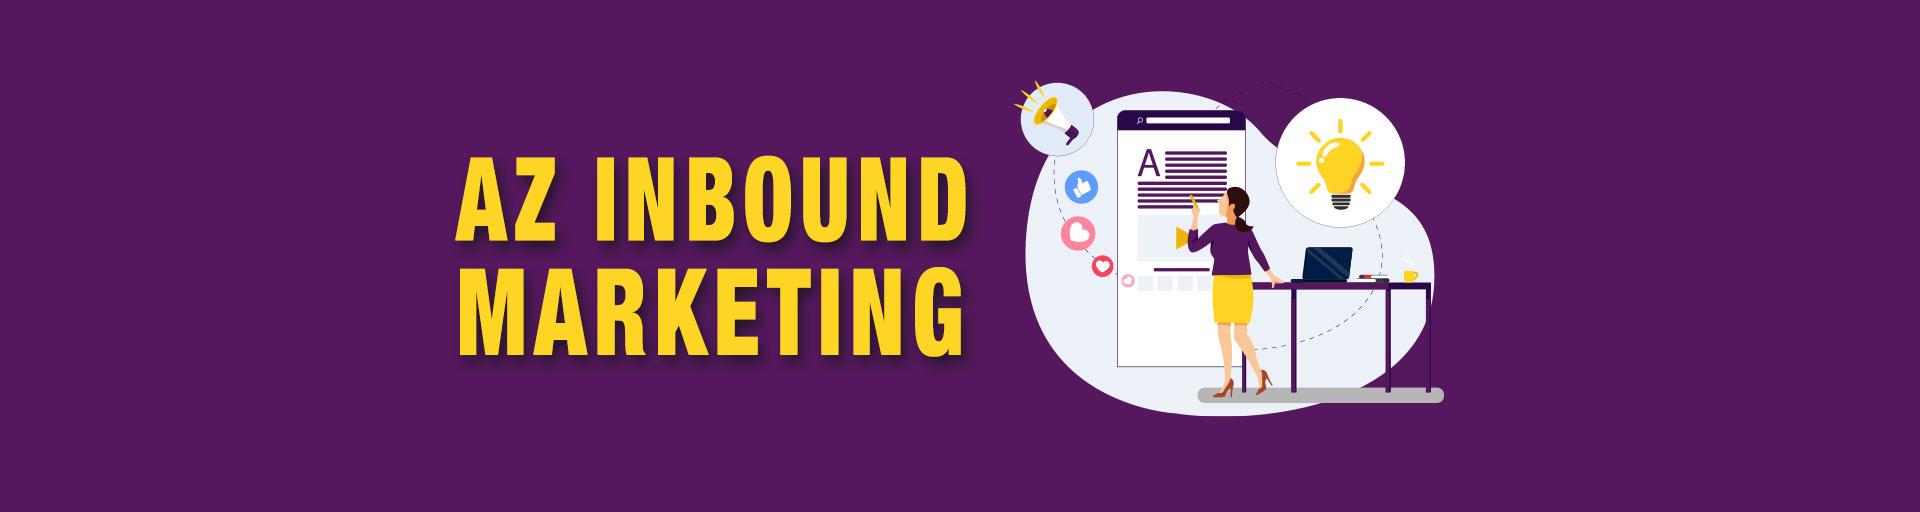 Inbound marketing – felcsendül a bűvös szó, és legtöbbünknek divatos és költséges marketingmegoldások jutnak eszébe, na meg persze a tartalommarketing